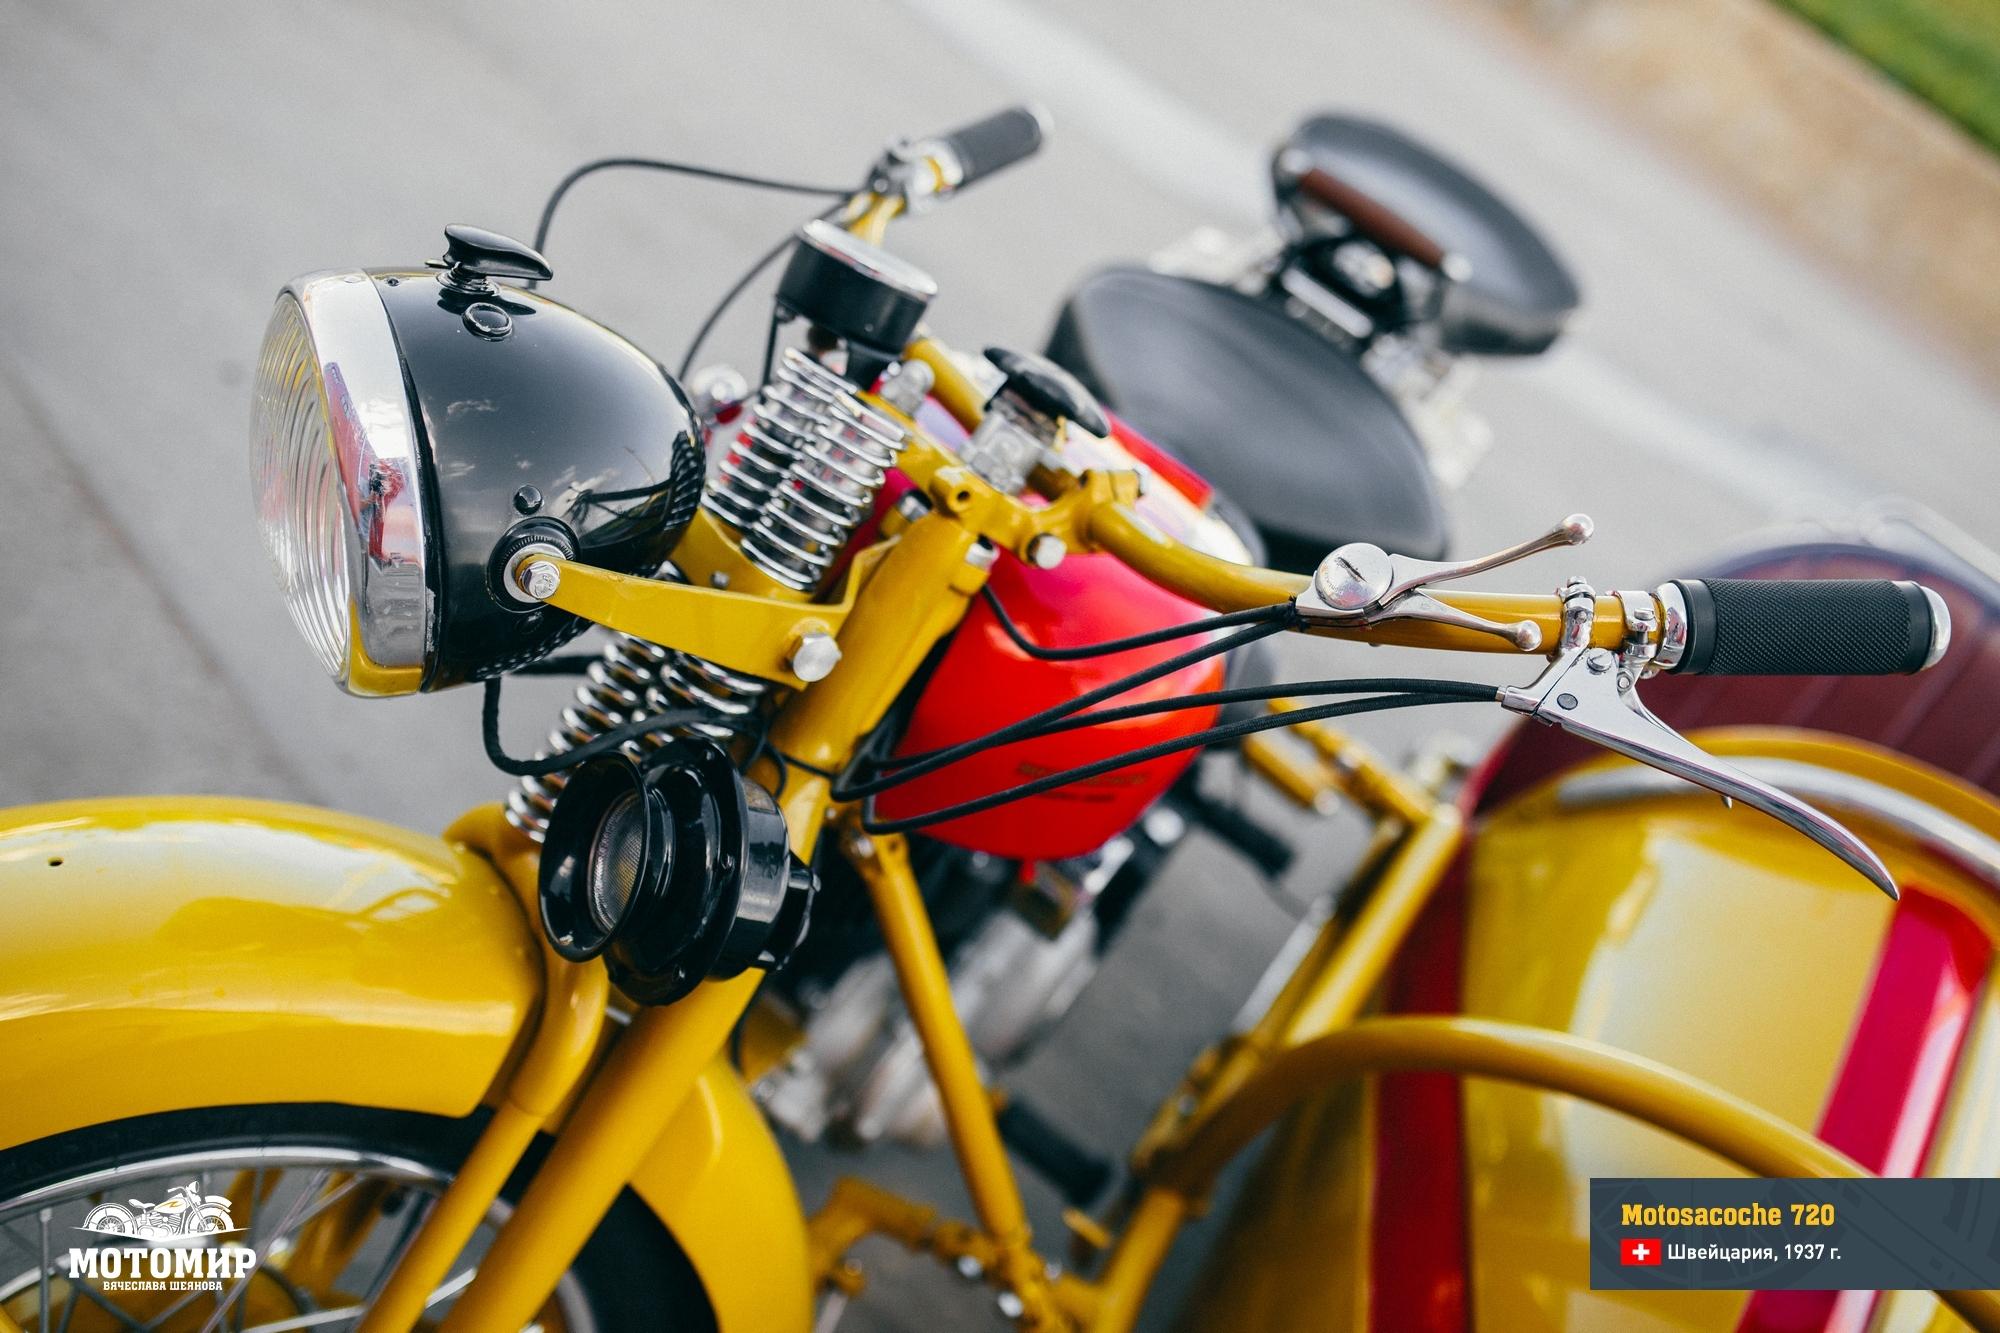 motosacoche-720-201510-web-23